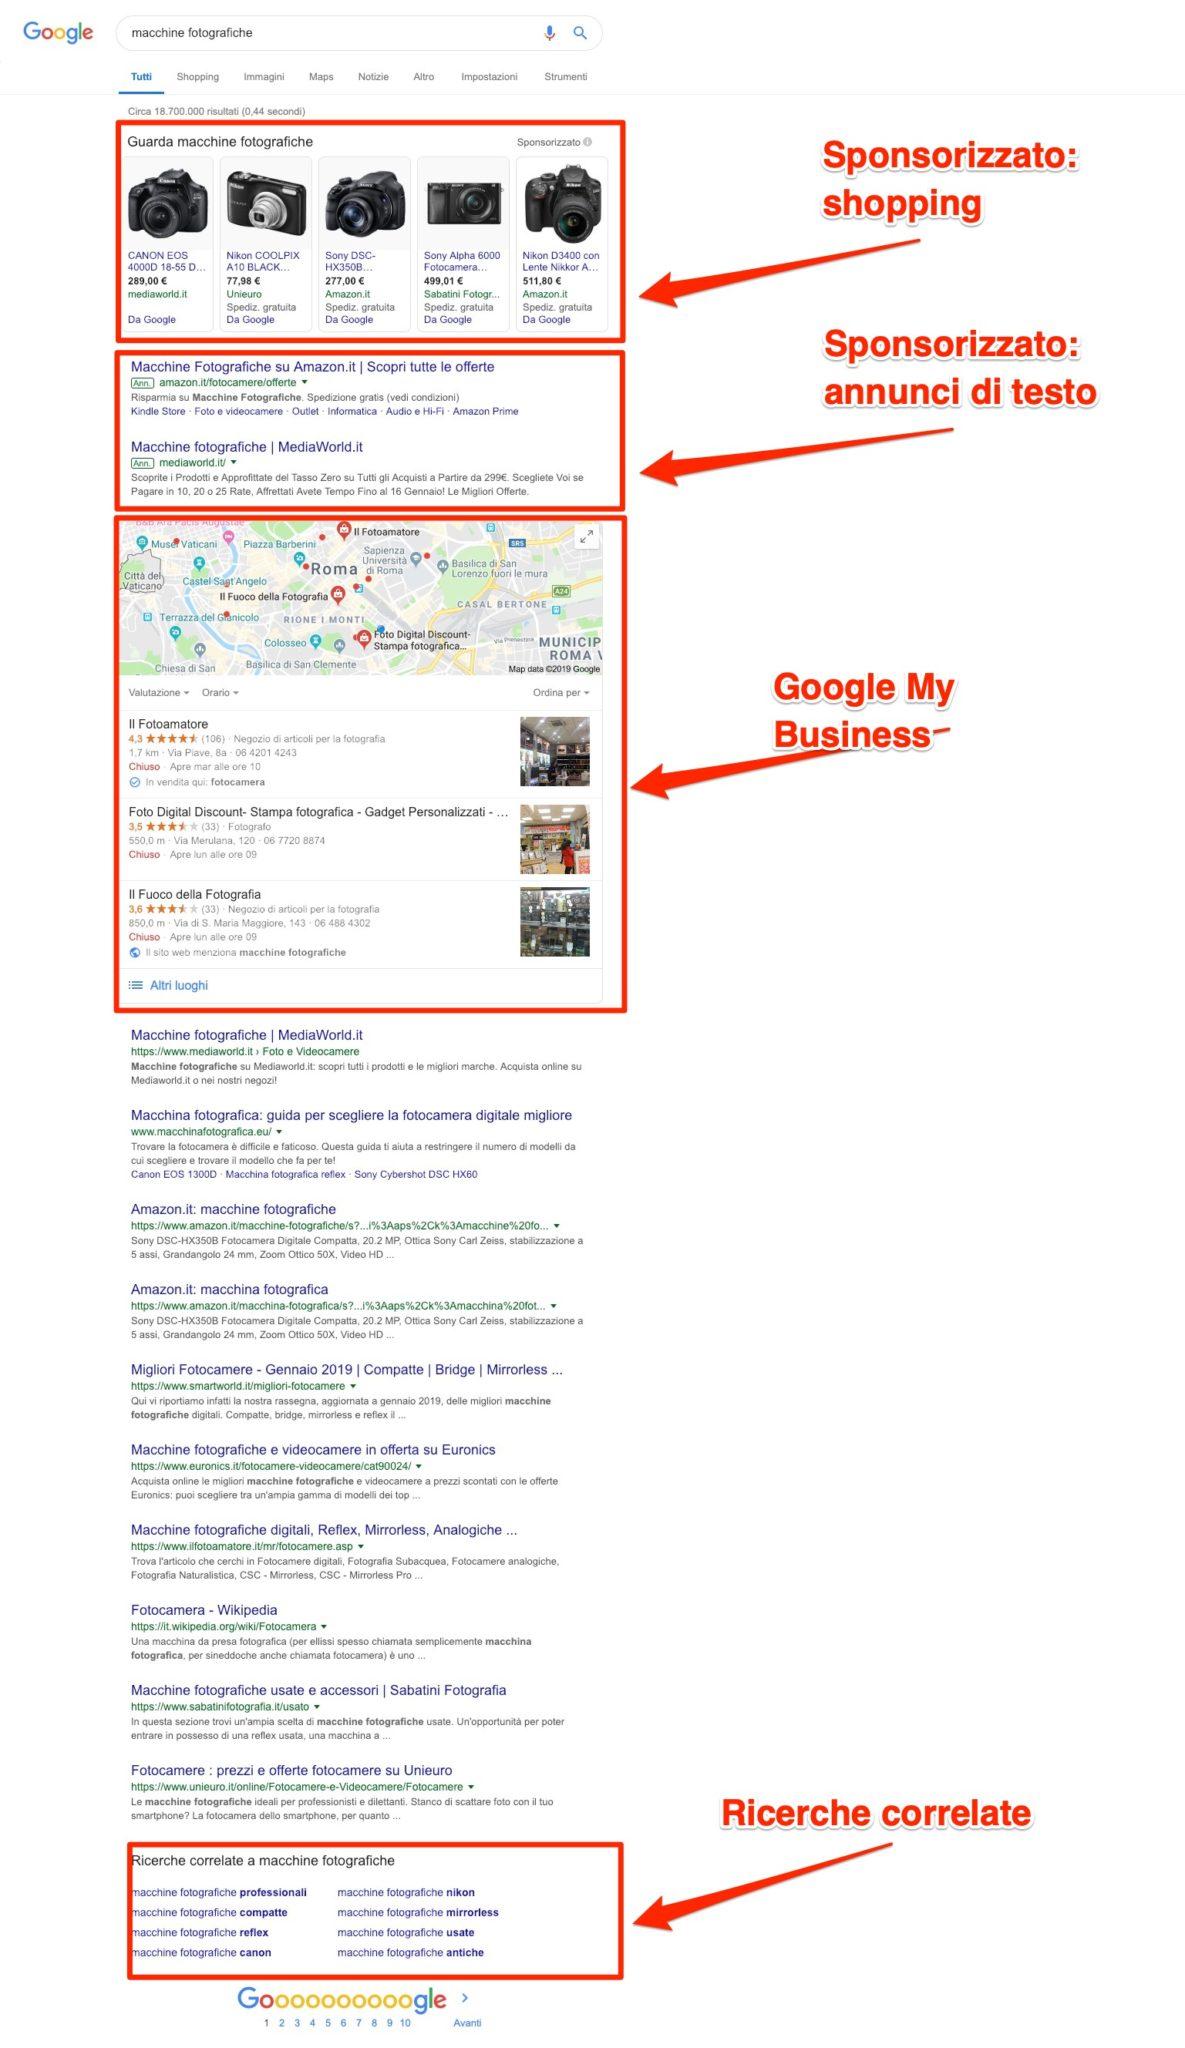 SERP di Google per una ricerca specifica. Qui si vedono le varie sezioni che compongono la finestra dei risultati di ricerca